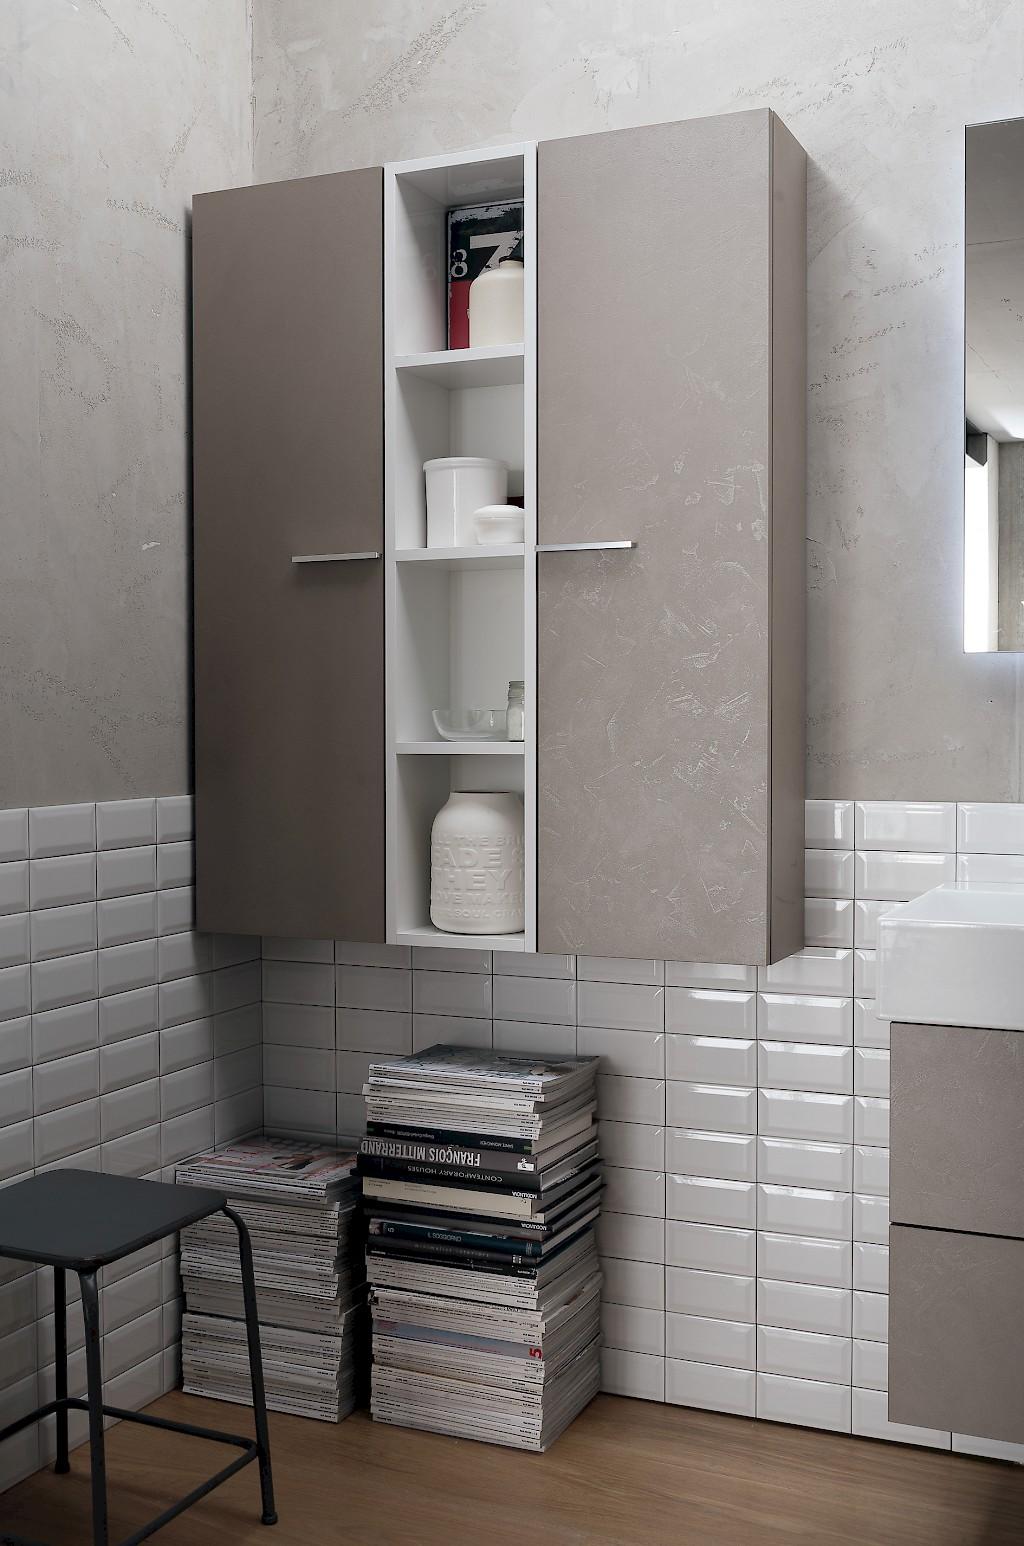 B201 77 life mobile arredo bagno design l 95 97 x p 20 8 51 5 cm personalizzabile compab - Arredo bagno compab ...